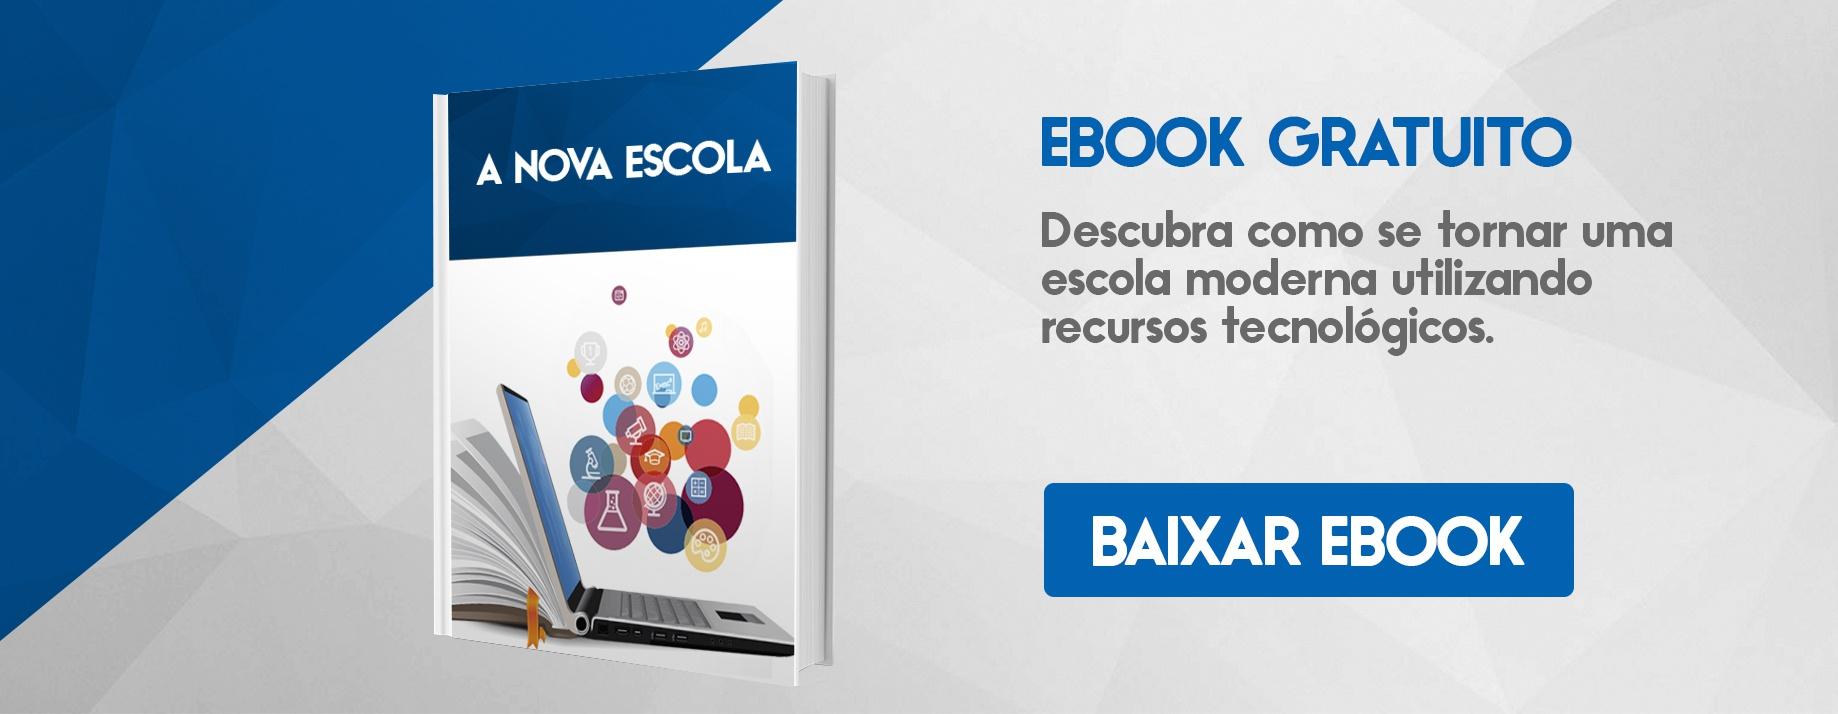 eBook - A Nova Escola